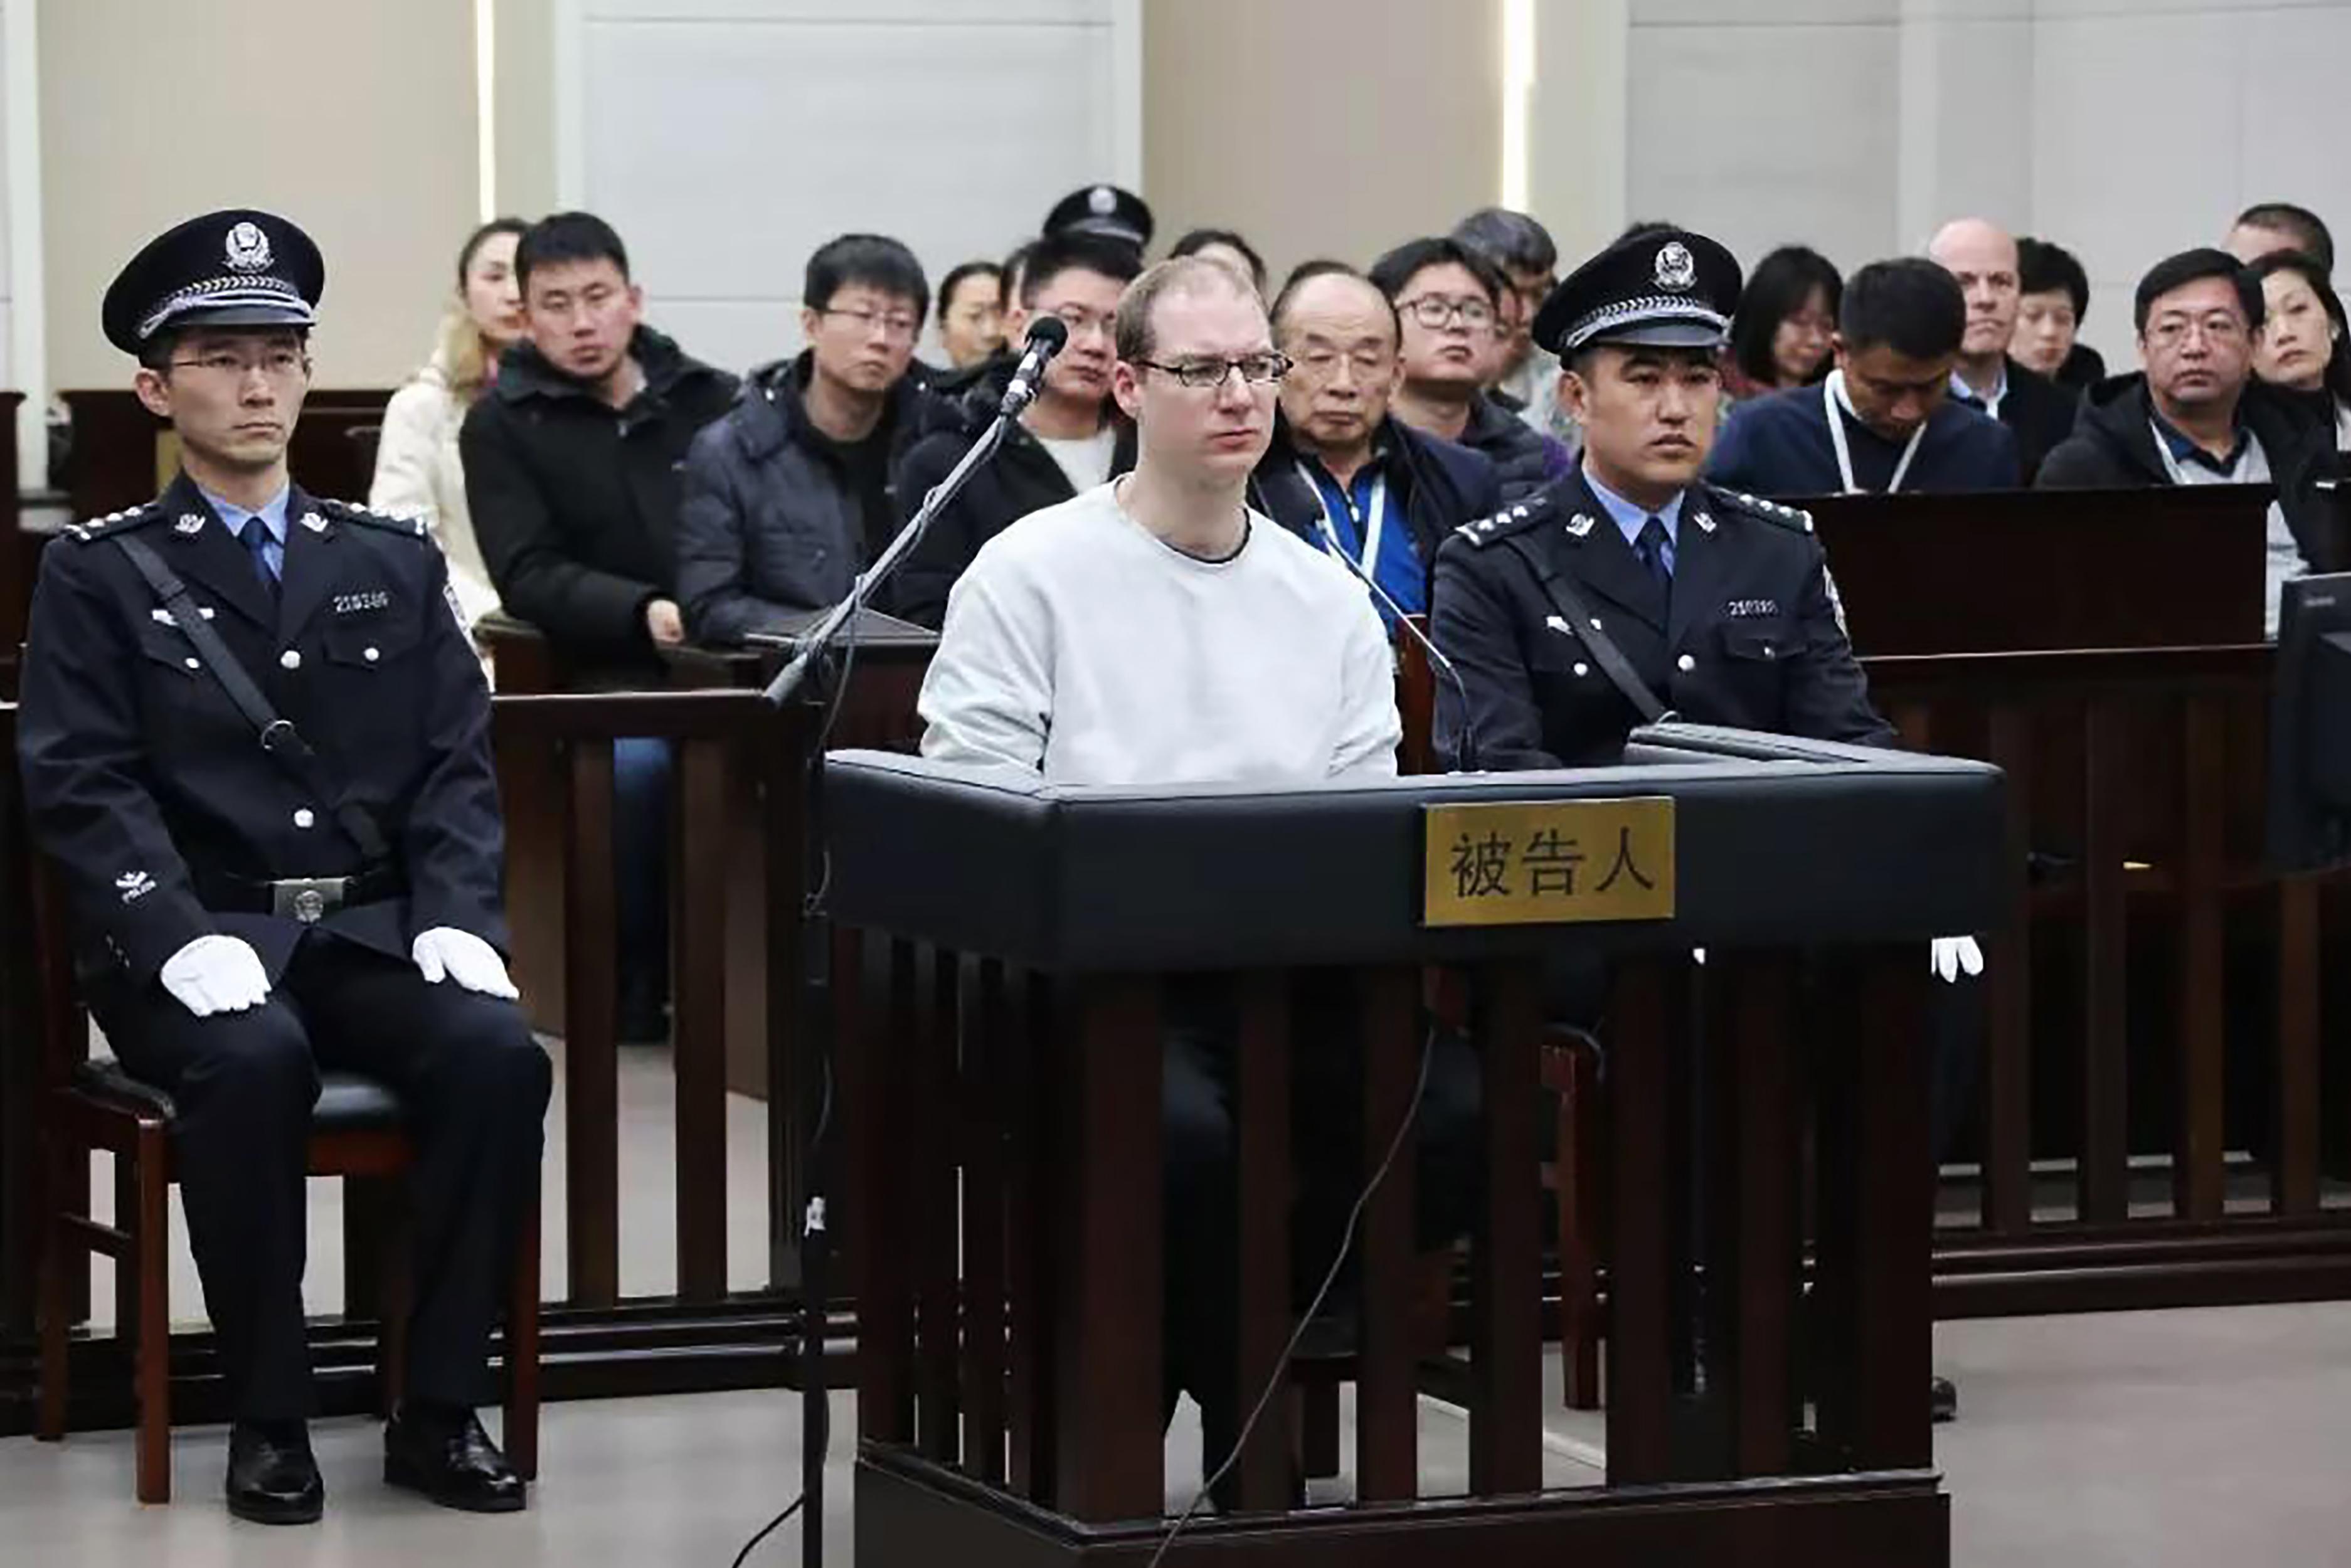 Kanada kegyelmét kért a Kínában drogcsempészetért halálra ítélt állampolgárának